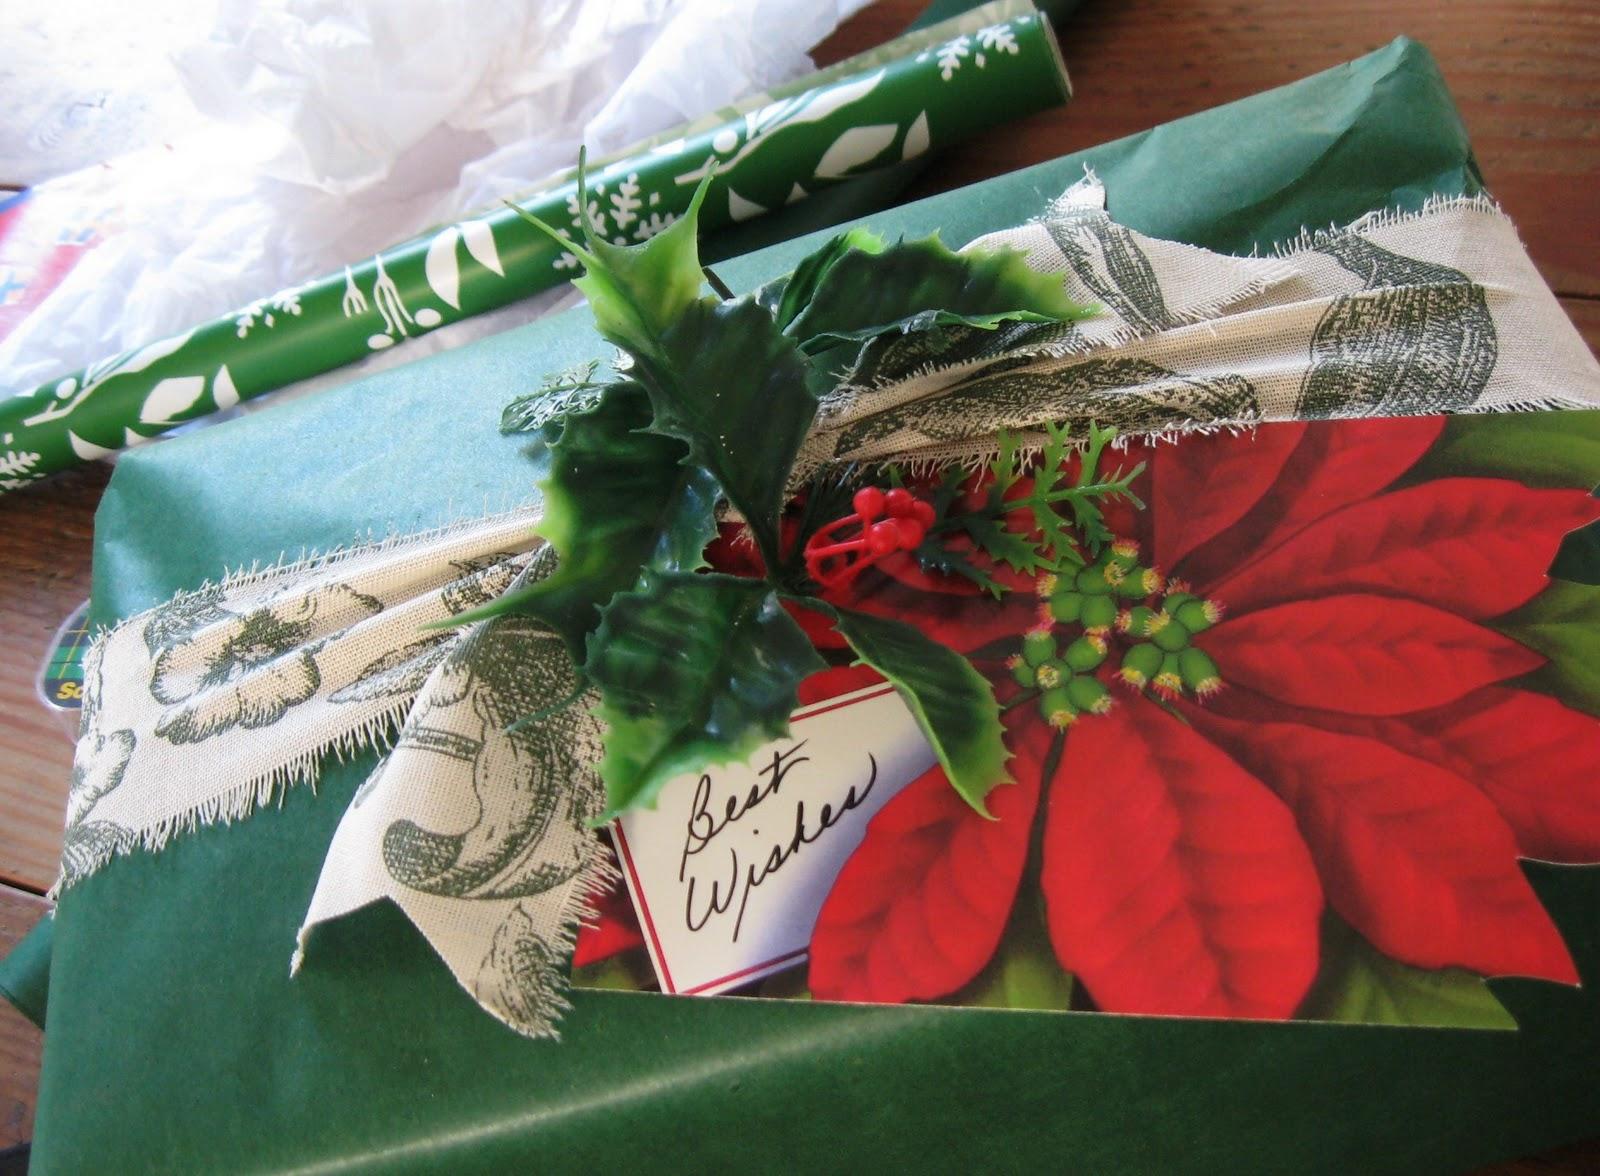 http://4.bp.blogspot.com/_Z_J8lxwvGV8/TQvtXj9SuII/AAAAAAAABMk/GvZiE4CUN2g/s1600/christmas+12-17+present.jpg